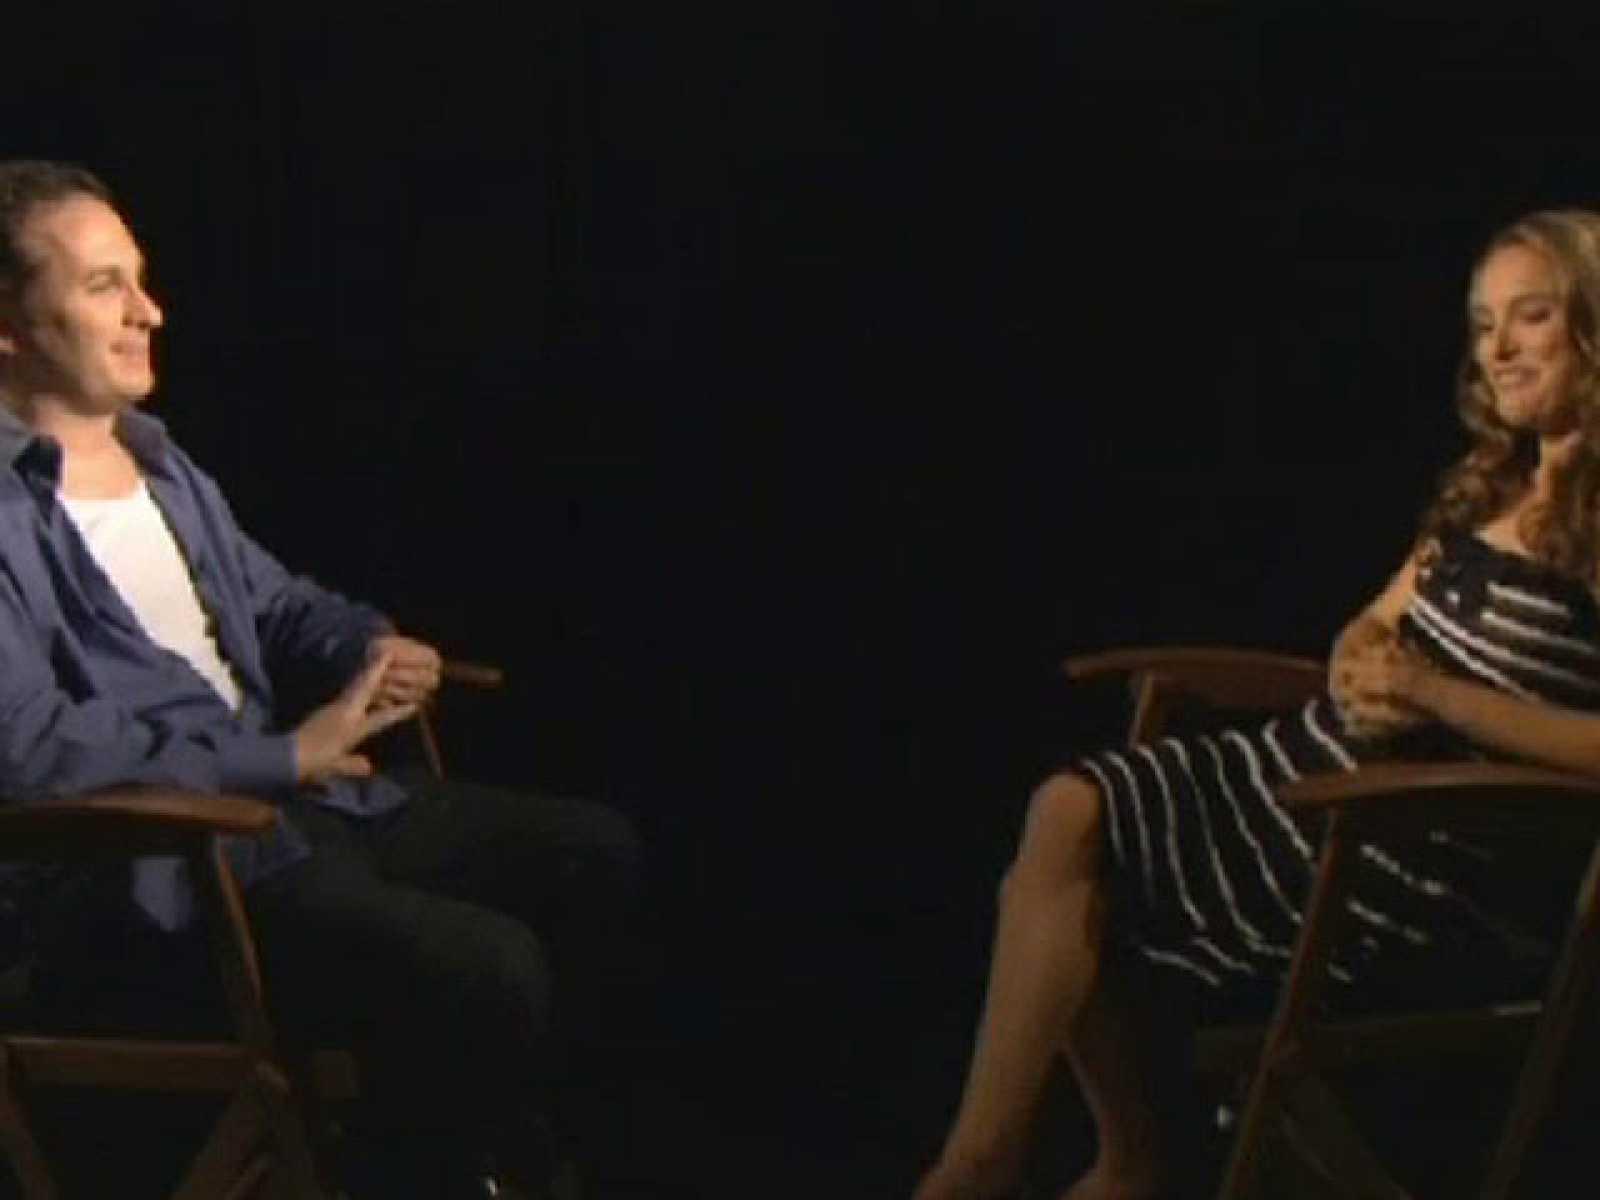 Os ofrecemos una divertida conversación, en exclusiva, entre Darren Aronofsky, director de 'Cisne negro' y la protagonista de la película, Natalie Portman, que anoche se alzó con el Bafta a la mejor actriz por su papel en esta película. Ambos conve